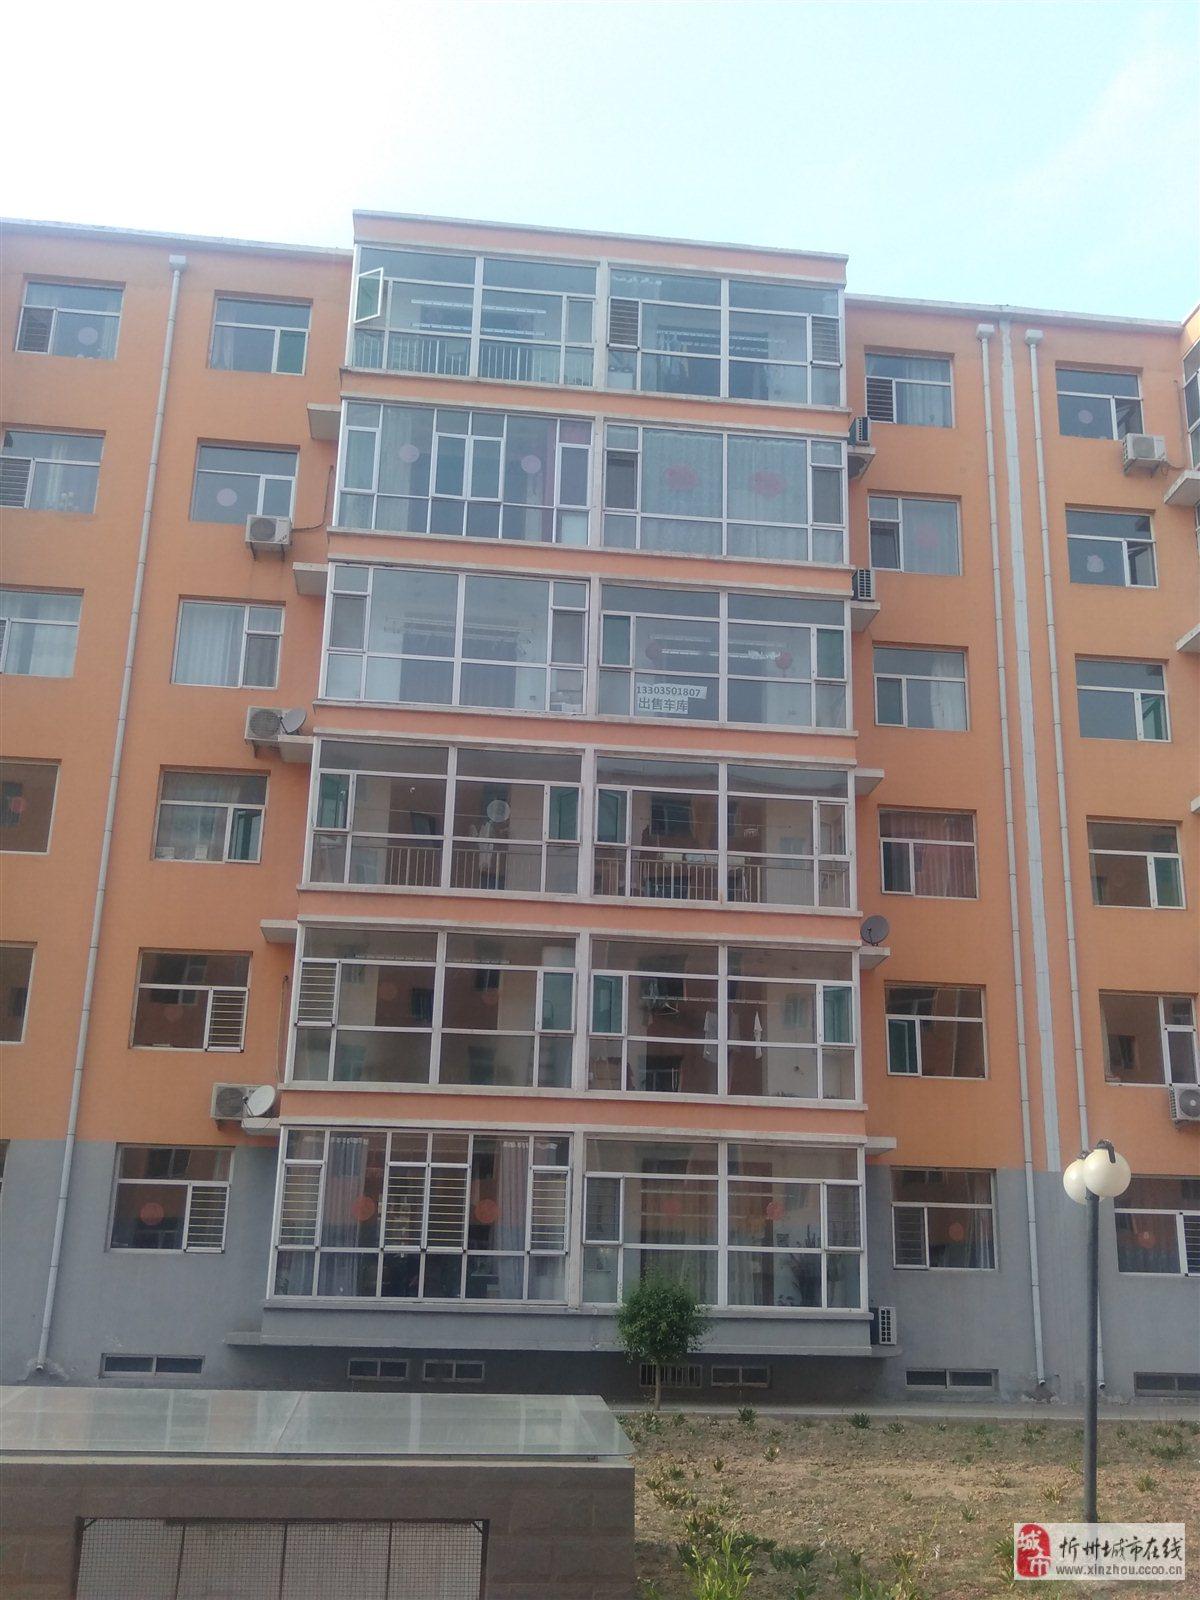 阳光小区2室 2厅 1卫35万元